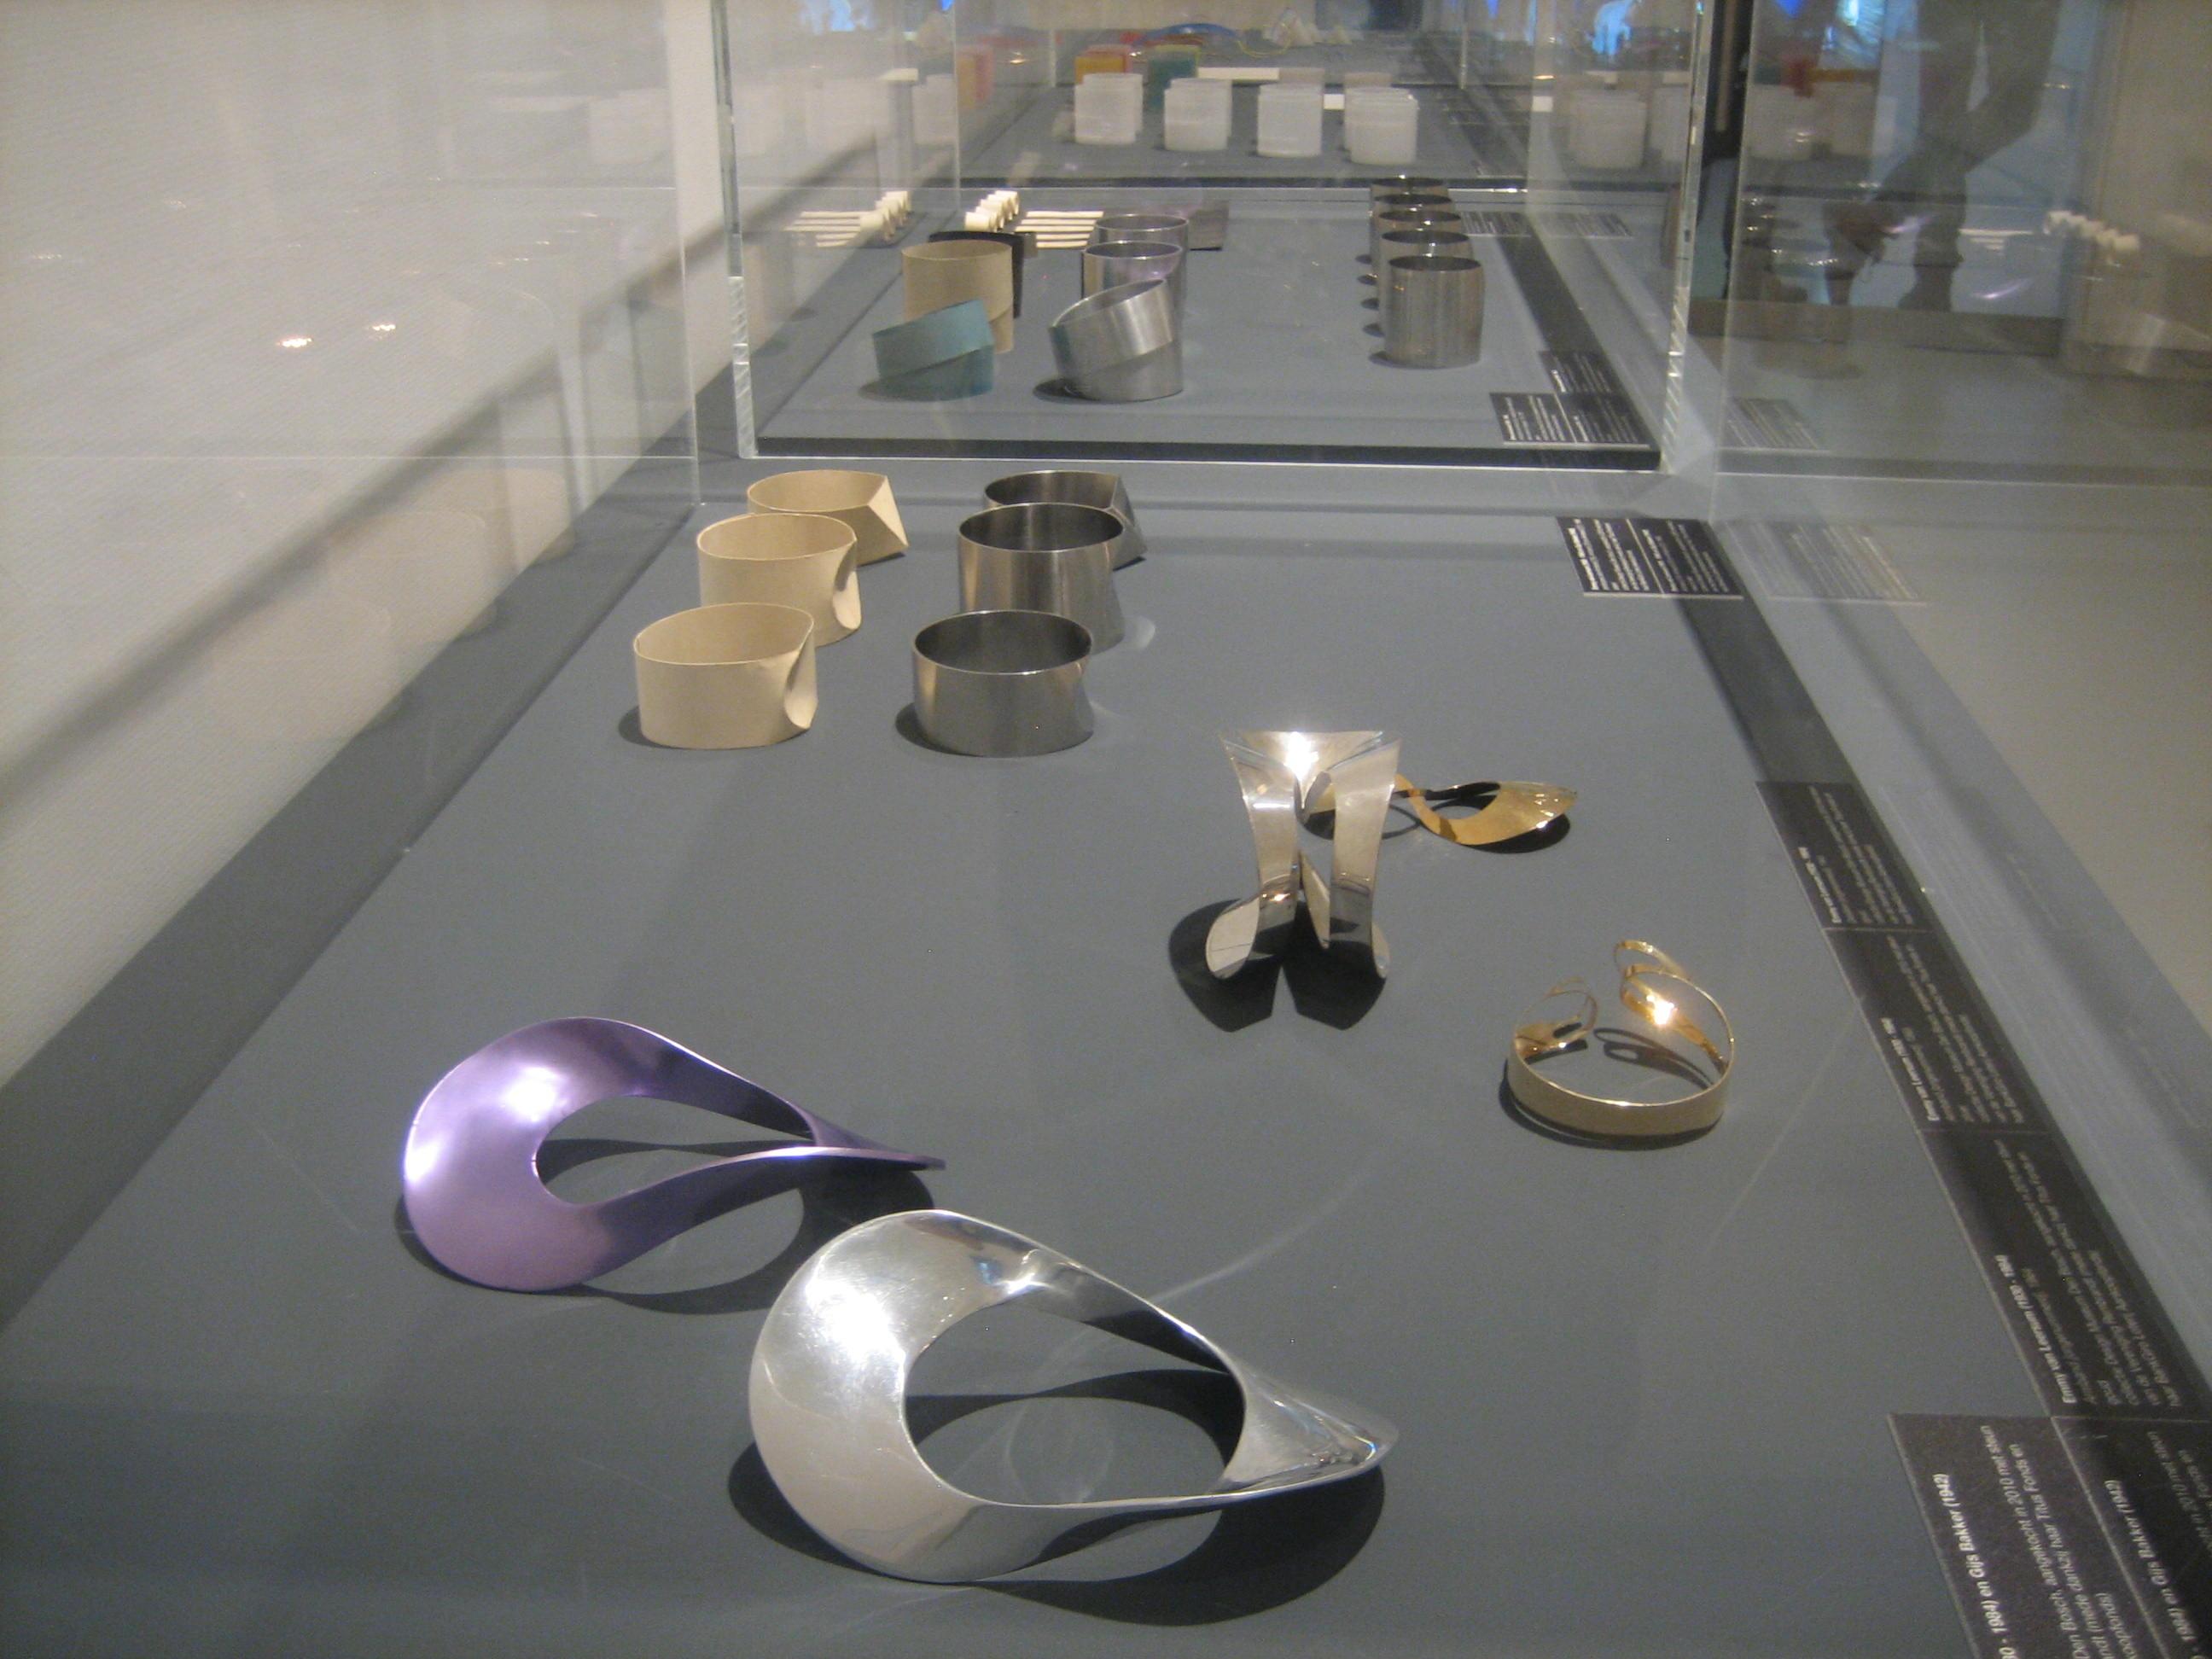 Emmy van Leersum, armbanden. Toen Emmy nu Gijs, Design Museum Den Bosch, 2018, armbanden, vitrine, tentoonstelling, metaal, geanodiseerd aluminium